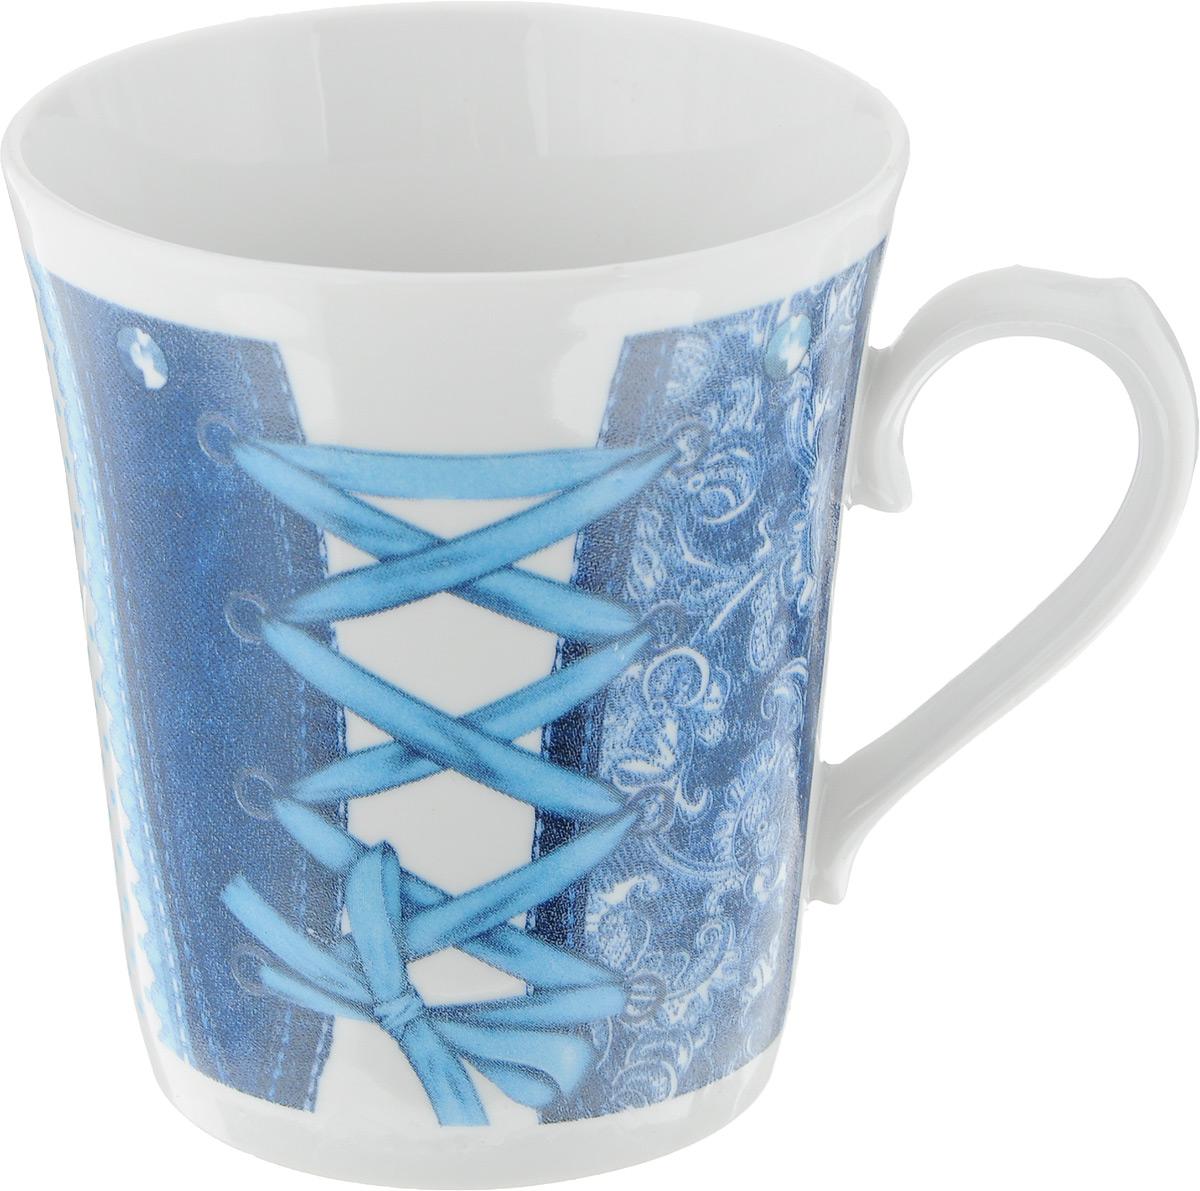 Кружка Фарфор Вербилок Джинс, цвет: белый, синий, голубой, 400 мл24497277_синий, голубойКружка Фарфор Вербилок Джинс способна украсить любое чаепитие. Изделие выполнено из высококачественного фарфора. Посуда из такого материала позволяет сохранить истинный вкус напитка, а также помогает ему дольше оставаться теплым. Изделие имеет классическую форму ленинградский бокал. Внешние стенки дополнены оригинальным принтом. Диаметр по верхнему краю: 9 см. Высота кружки: 10,5 см.